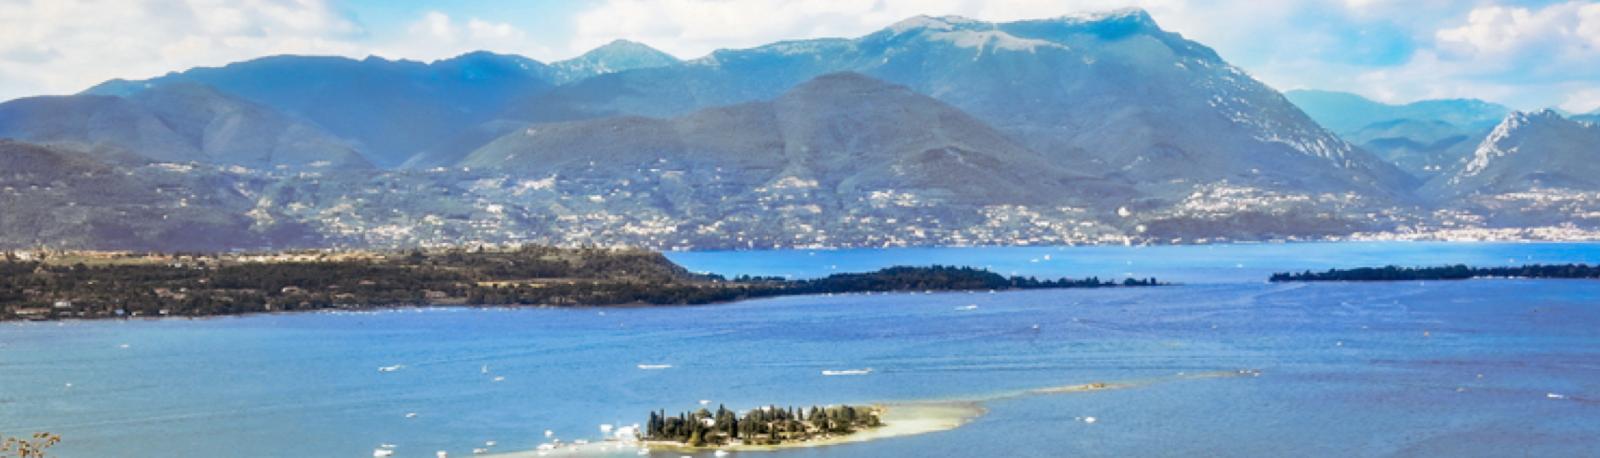 Garda Lake April-May 2014